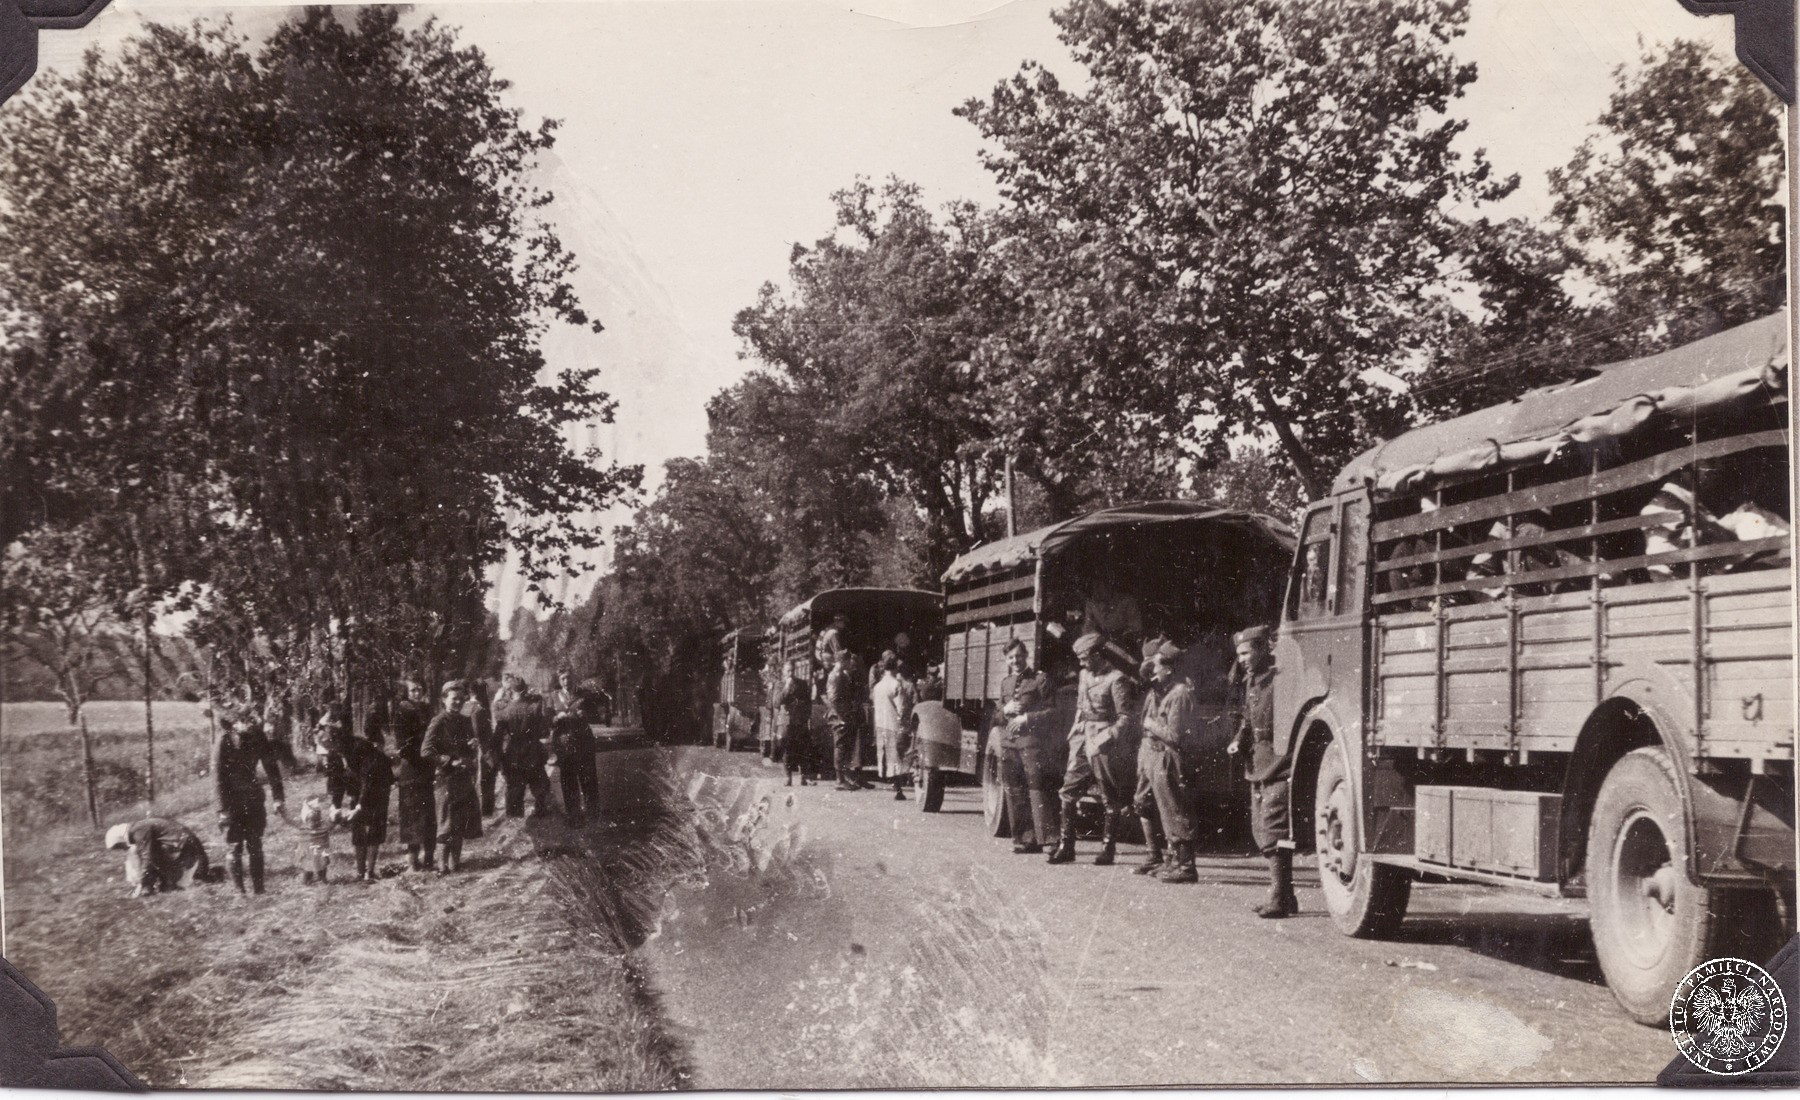 Wielka ewakuacja 1939-1940 - Polskie Siły Zbrojne poza krajem - Przystanek  Historia